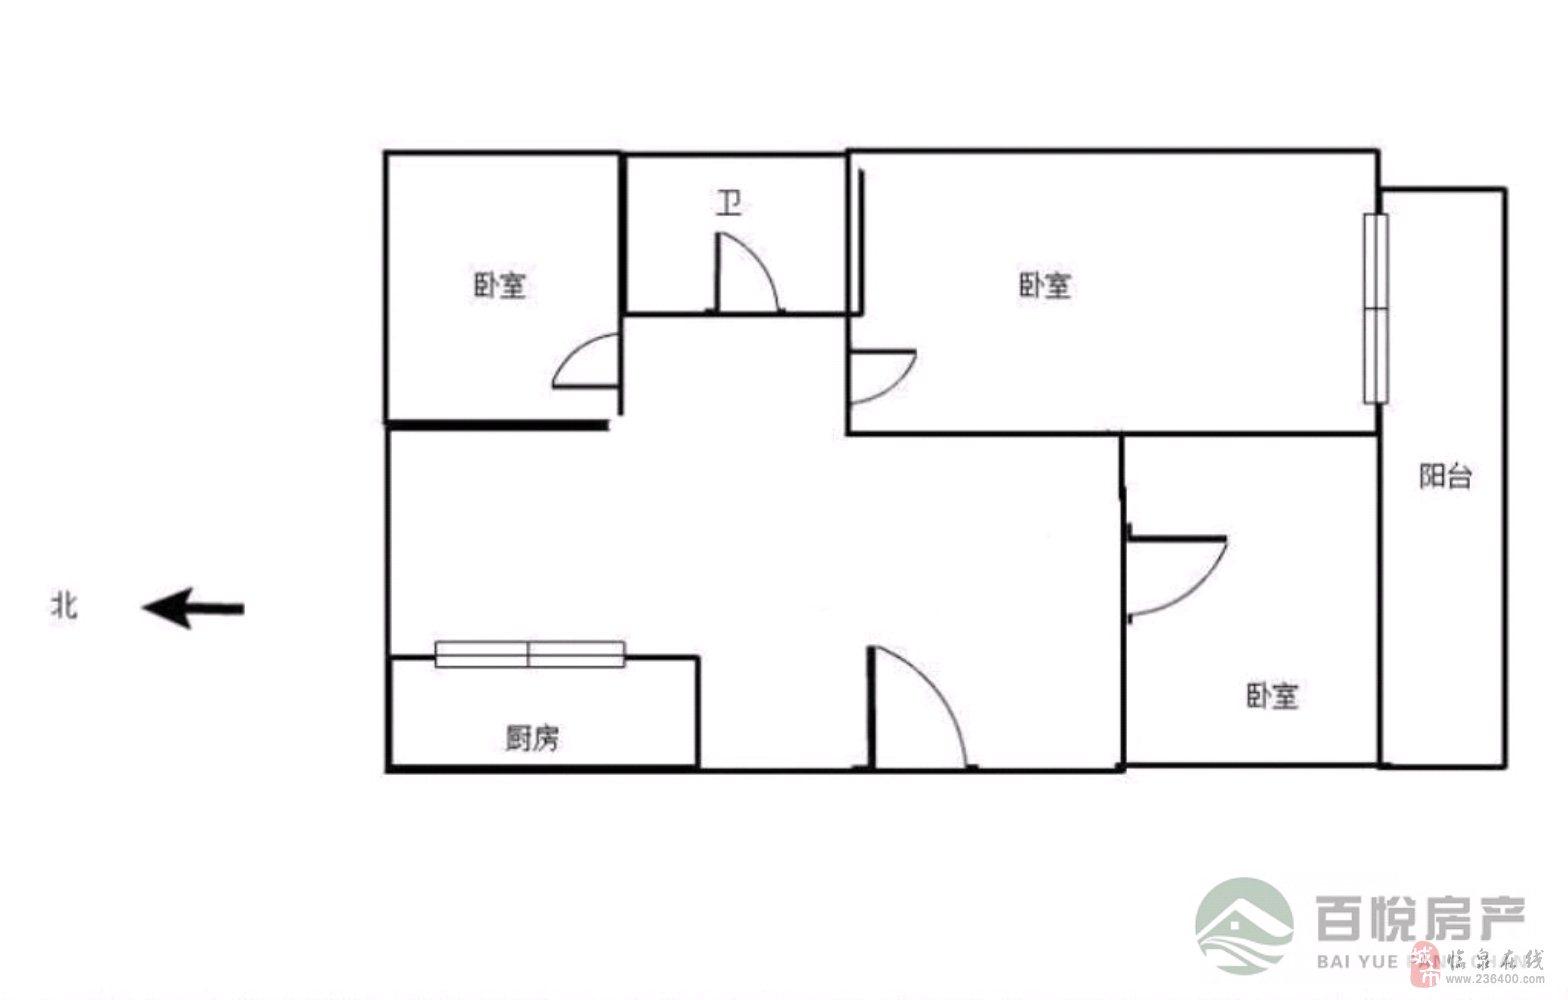 瑞景国际城南三室精装+学区房+送装修完全拎包入住